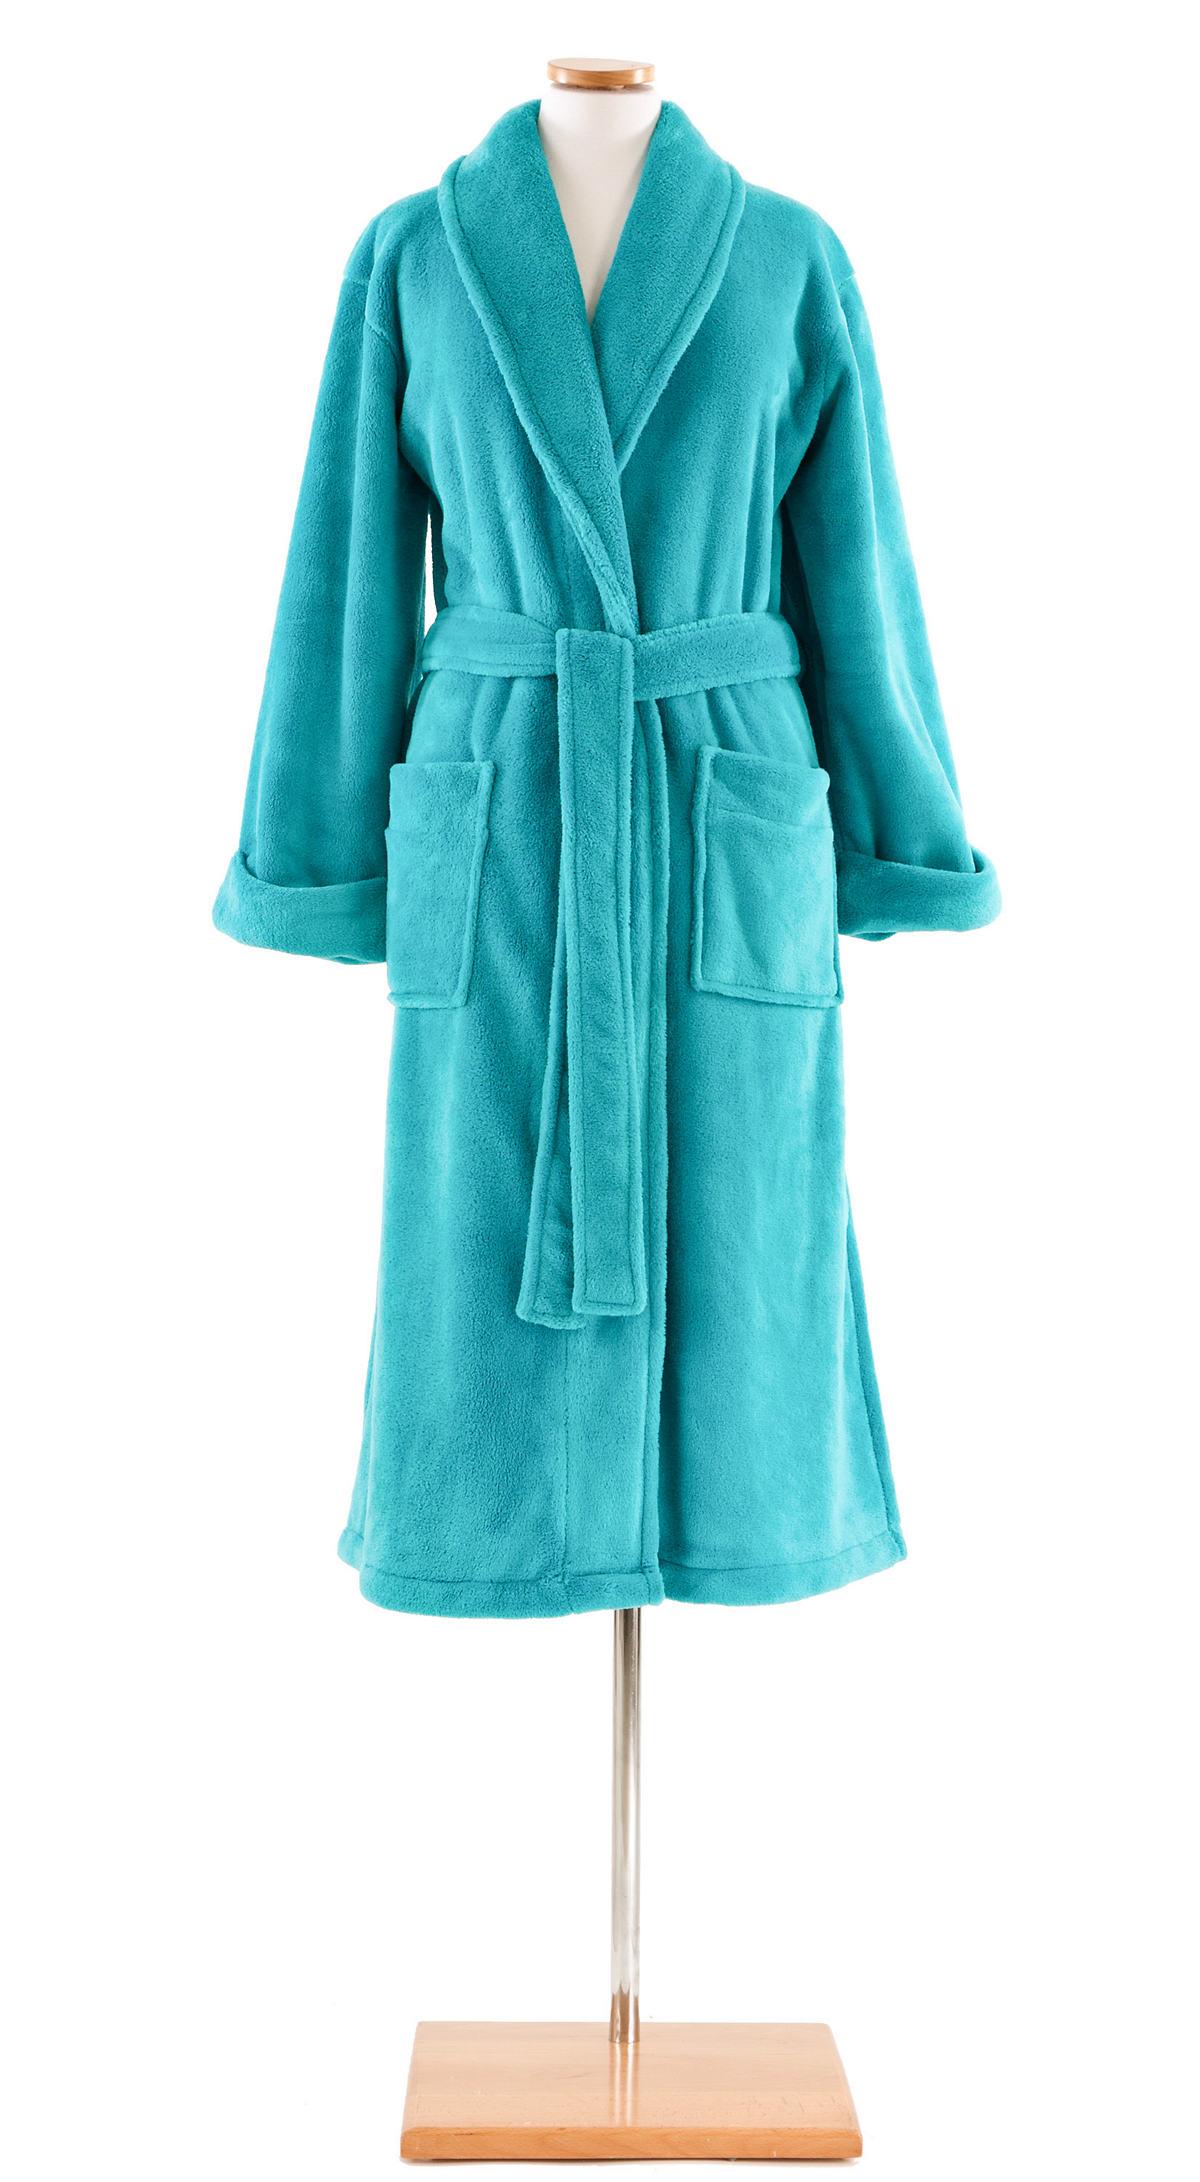 Sheepy Fleece Aqua Robe